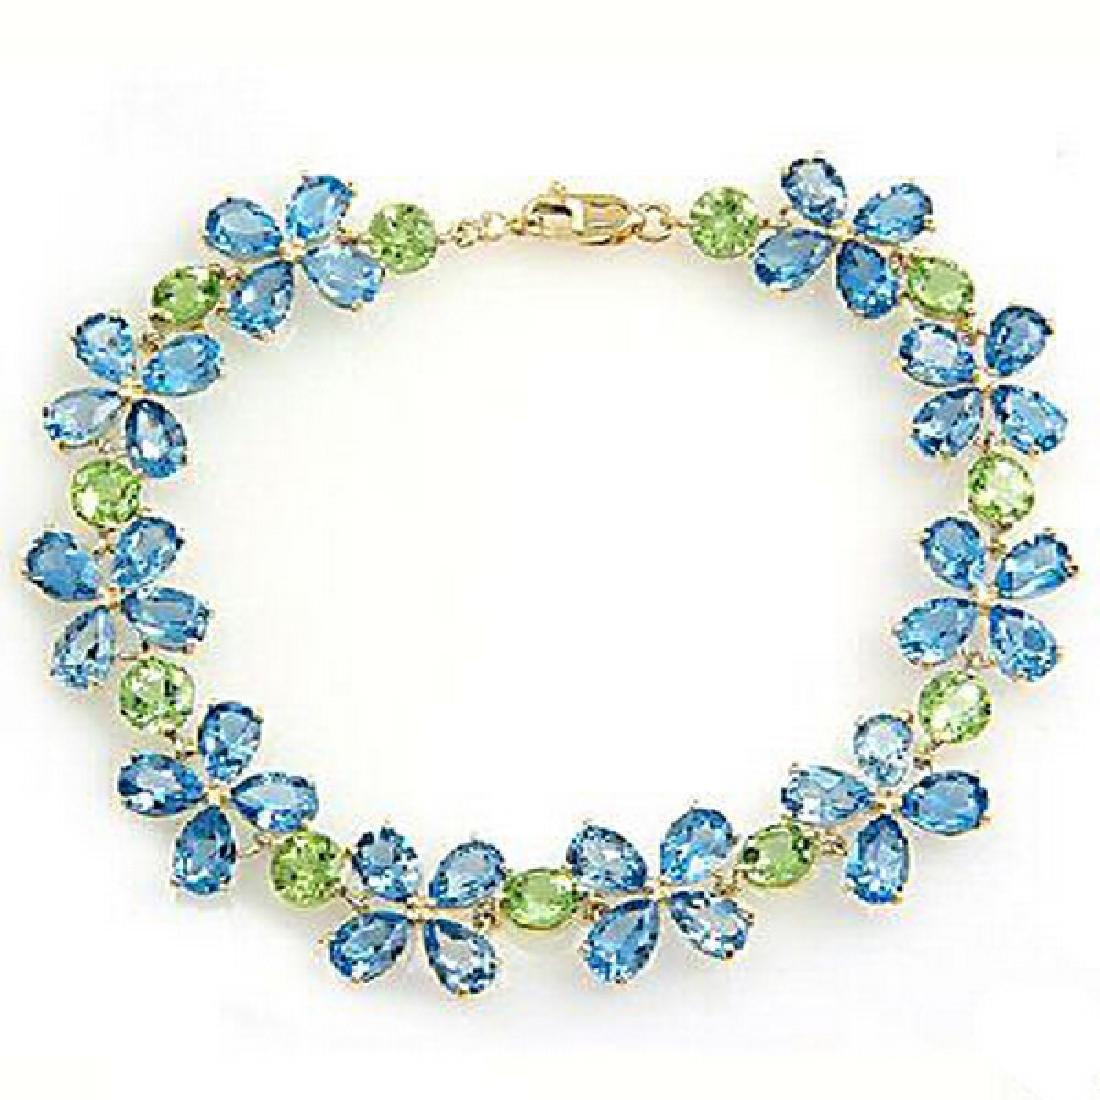 Genuine 20.7 ctw Blue Topaz & Peridot Bracelet Jewelry